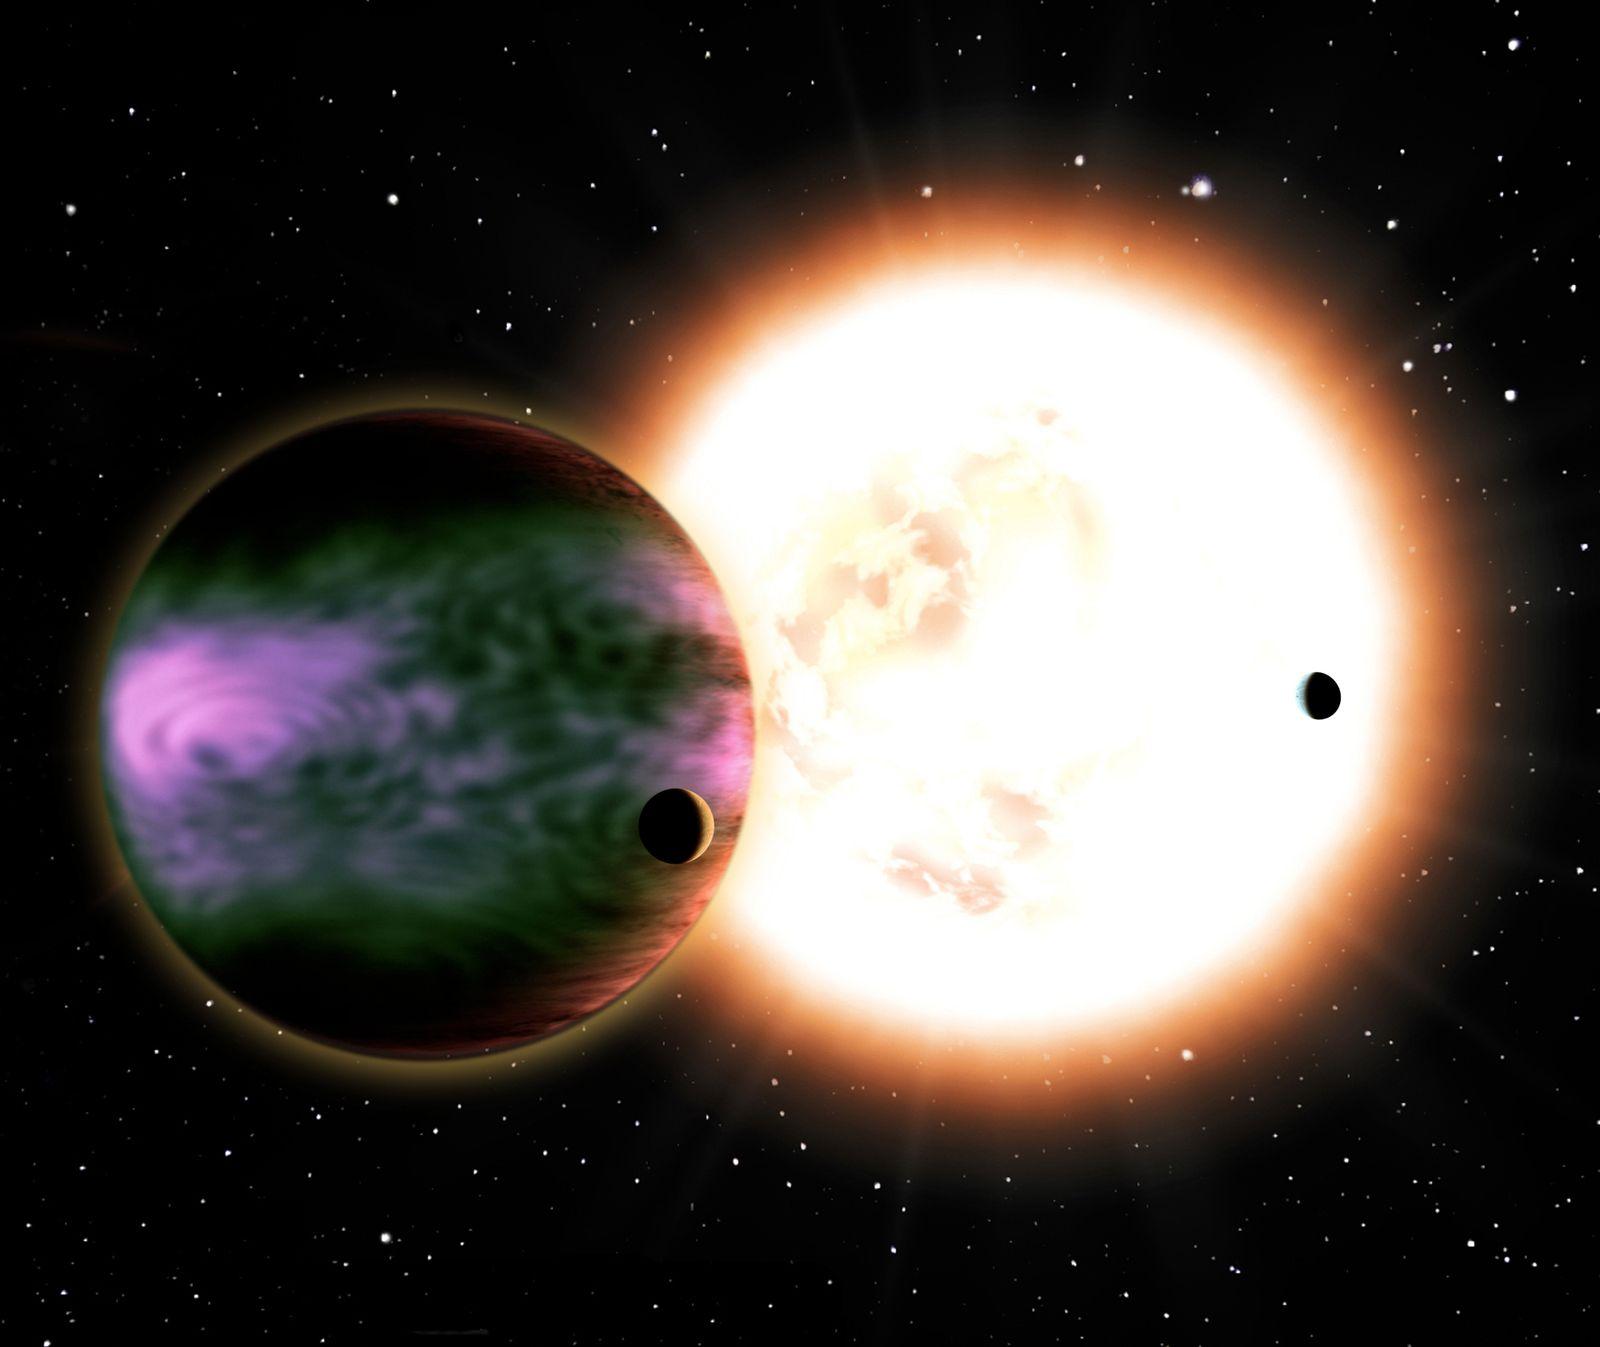 Exoplanet / Hot Jupiter